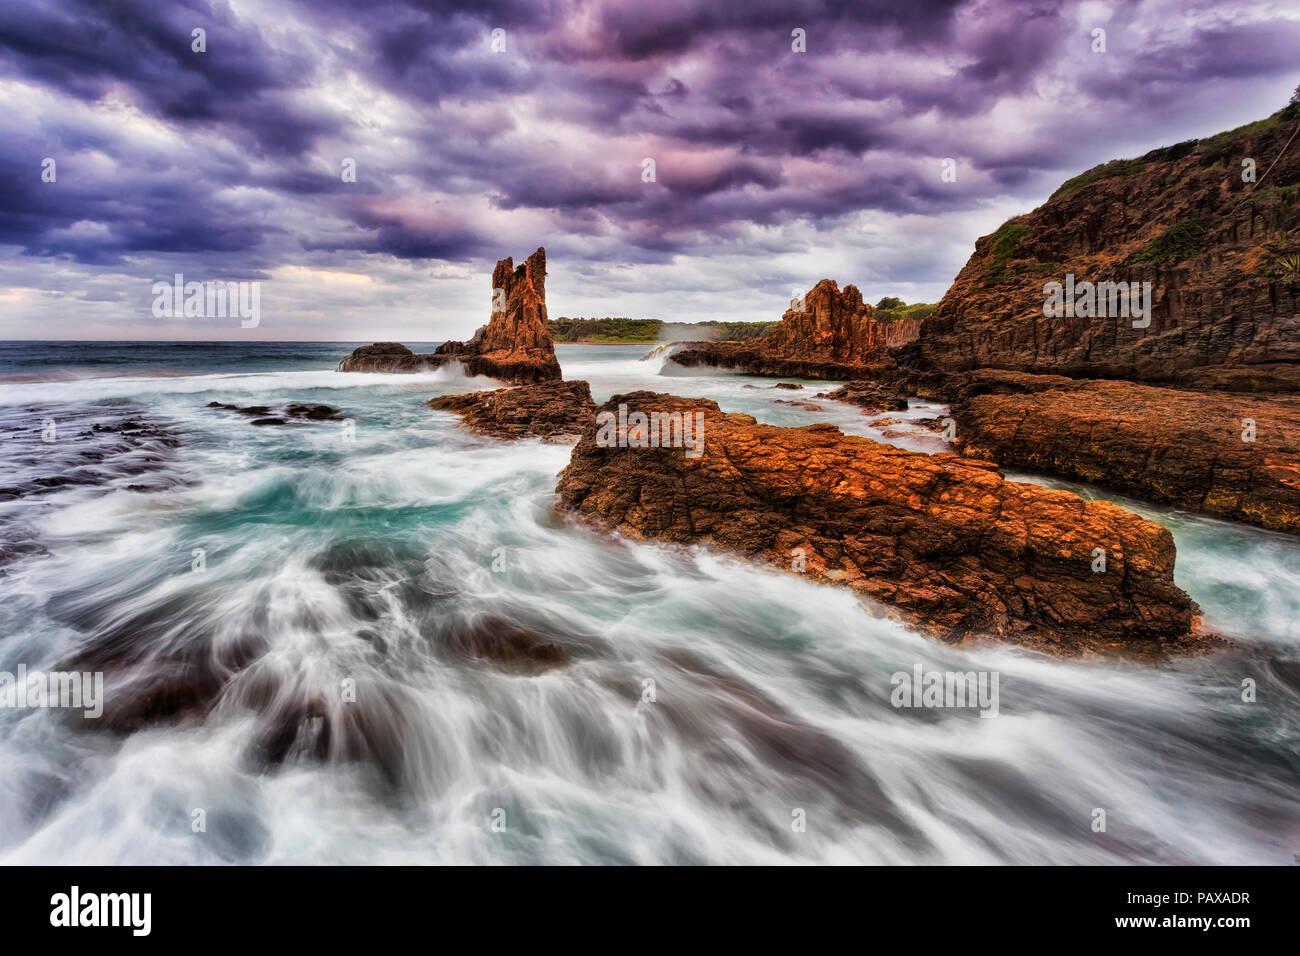 Colorida catedral de arenisca dorada playa de rocas a bombo en Kiama, NSW, Australia, al atardecer tormentoso bajo el cielo nublado. Imagen De Stock